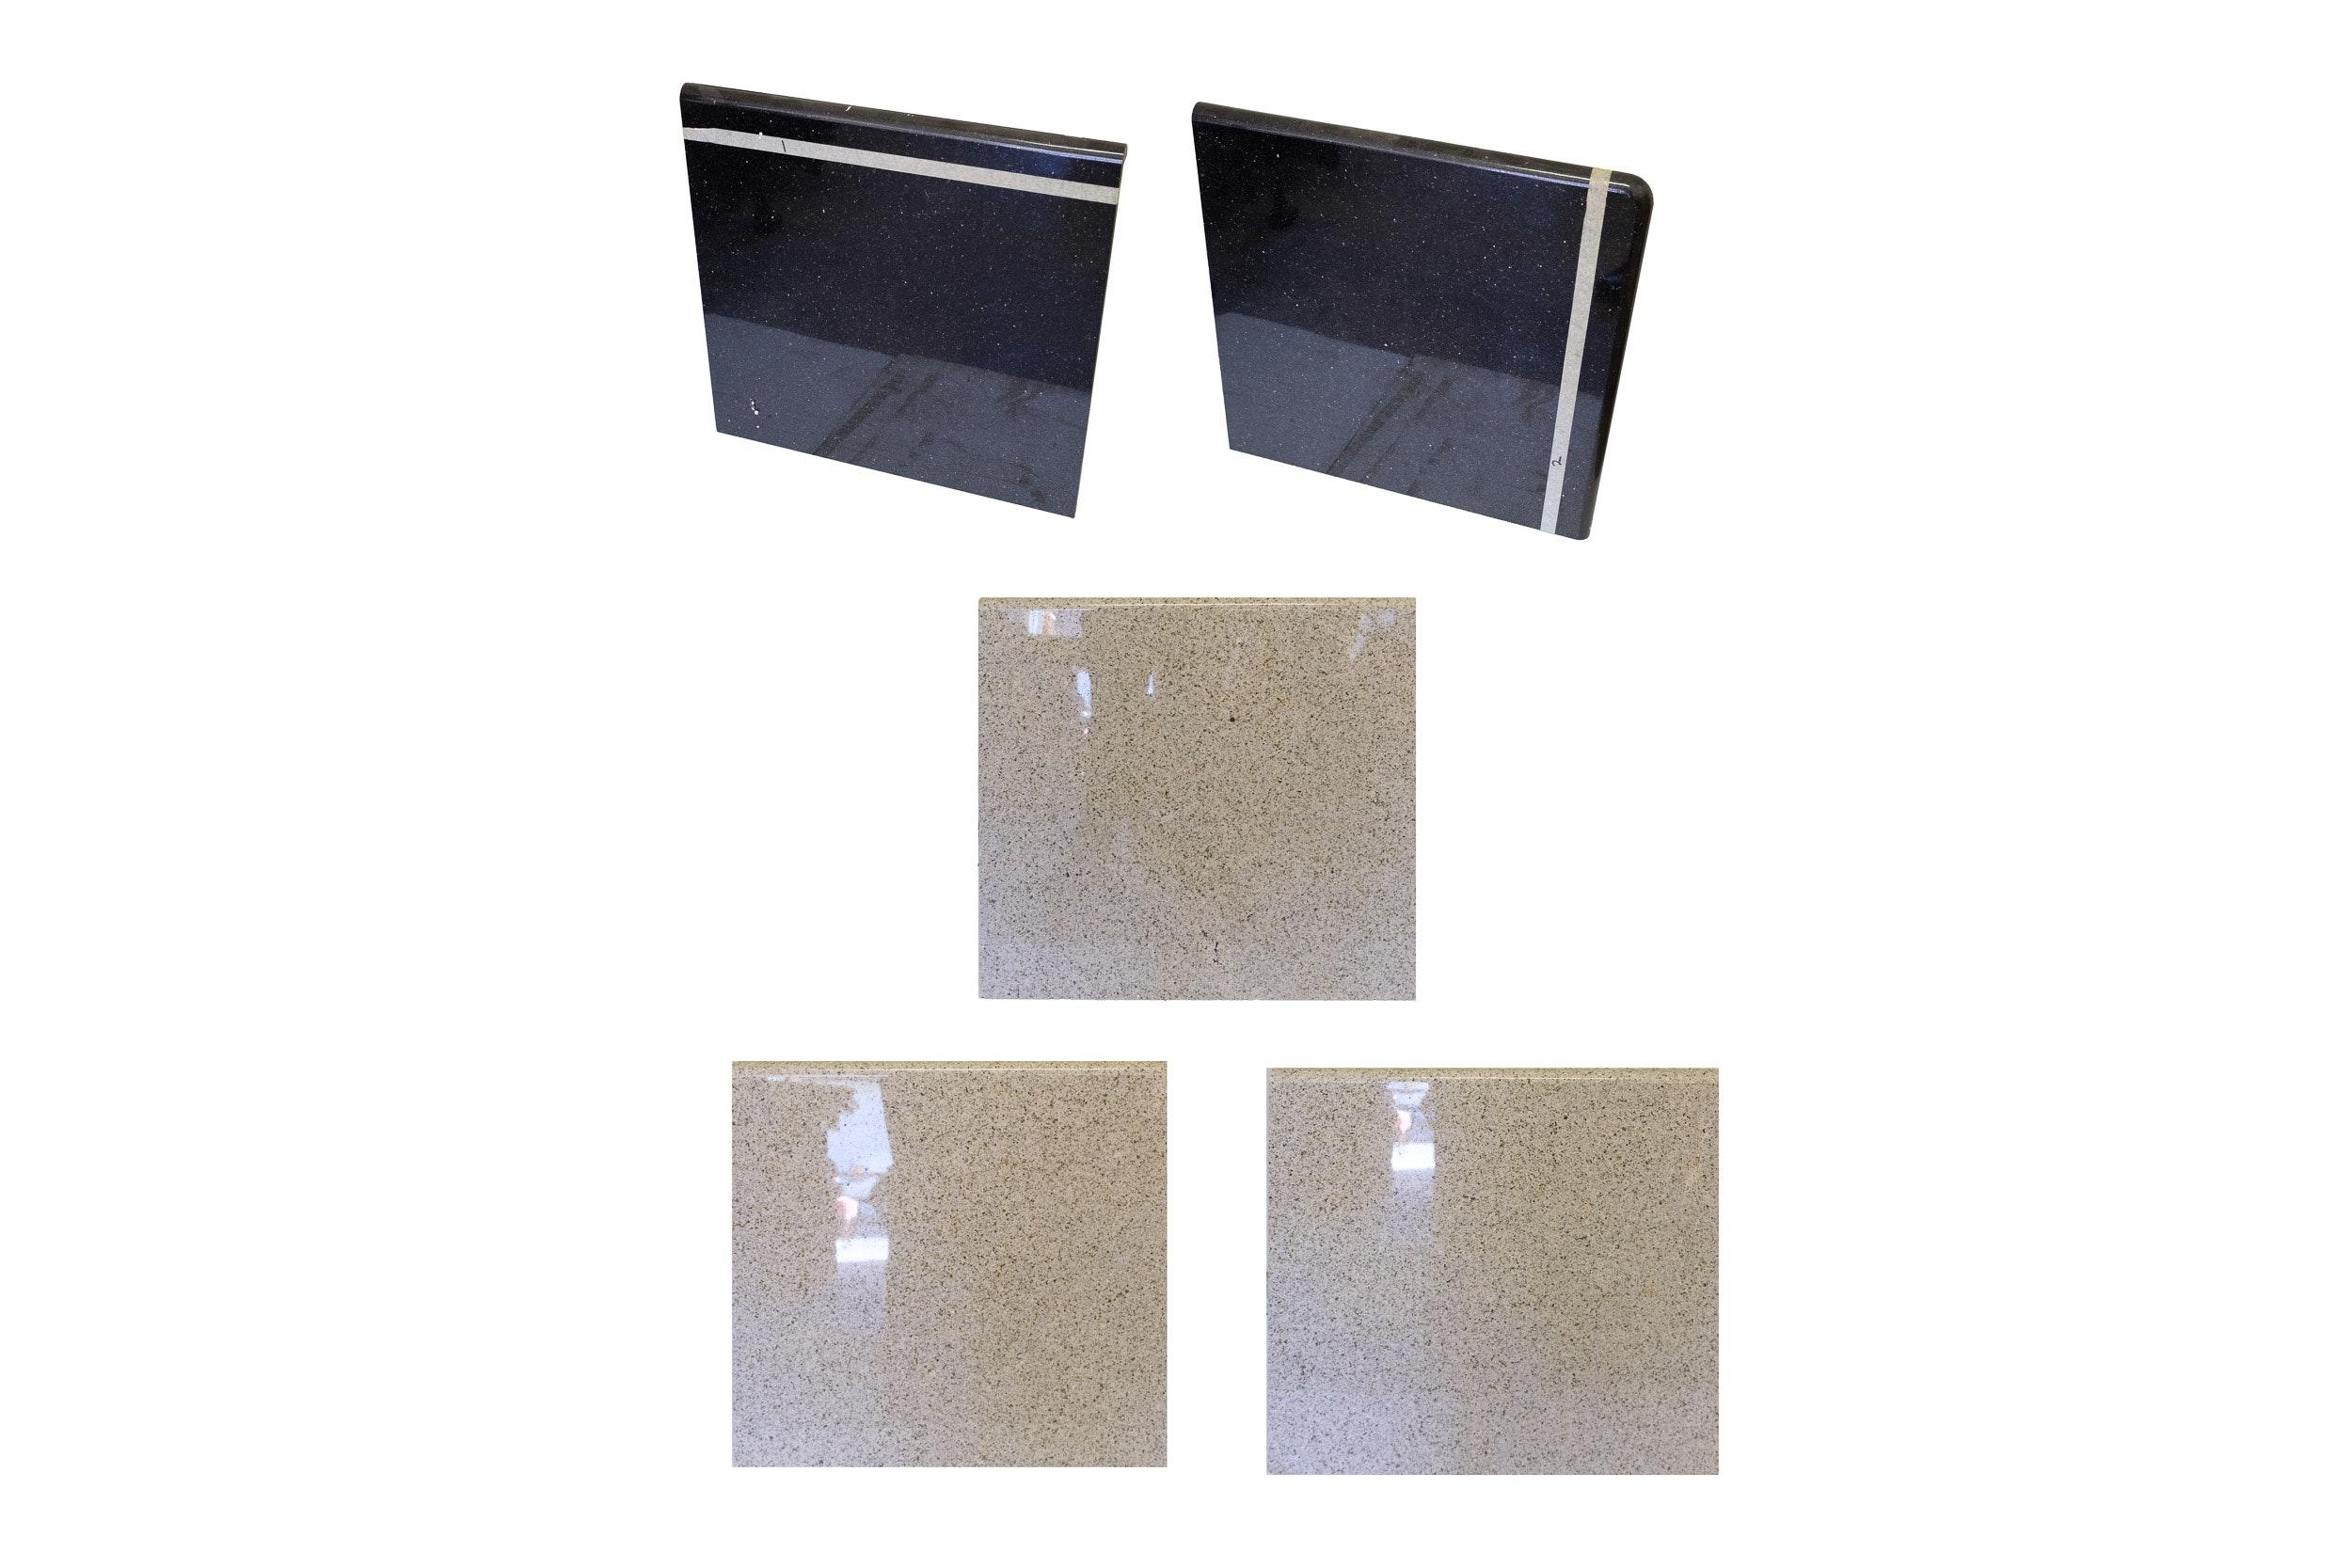 """Granite and Anorthosite """"Black Granite"""" Countertop Samples"""